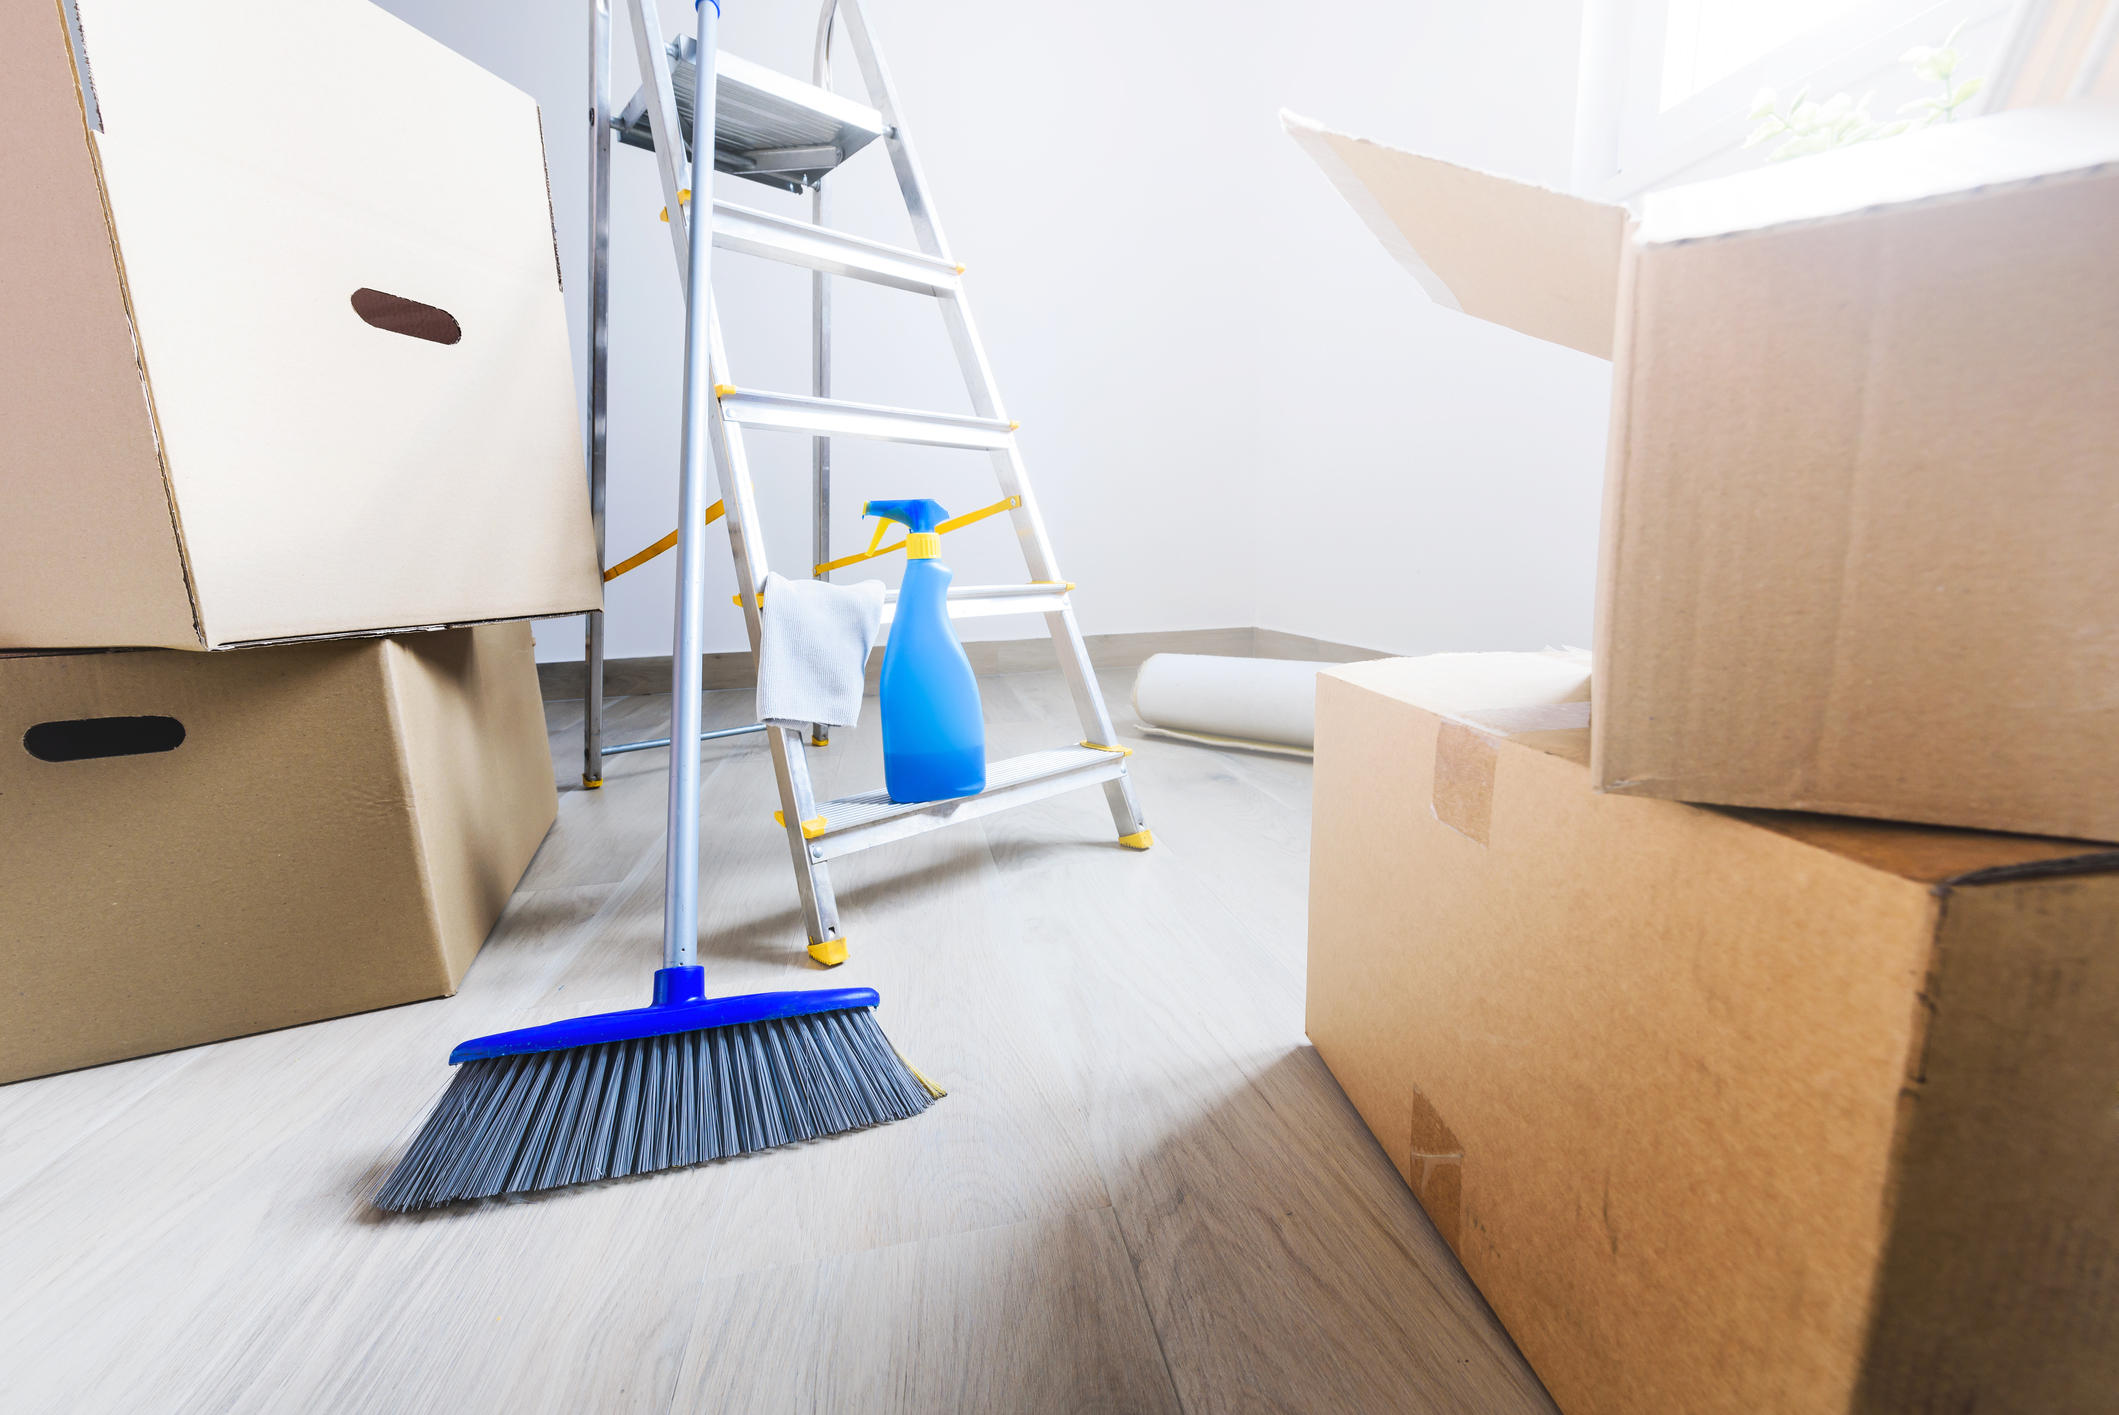 Убрать в квартире пыль после ремонта